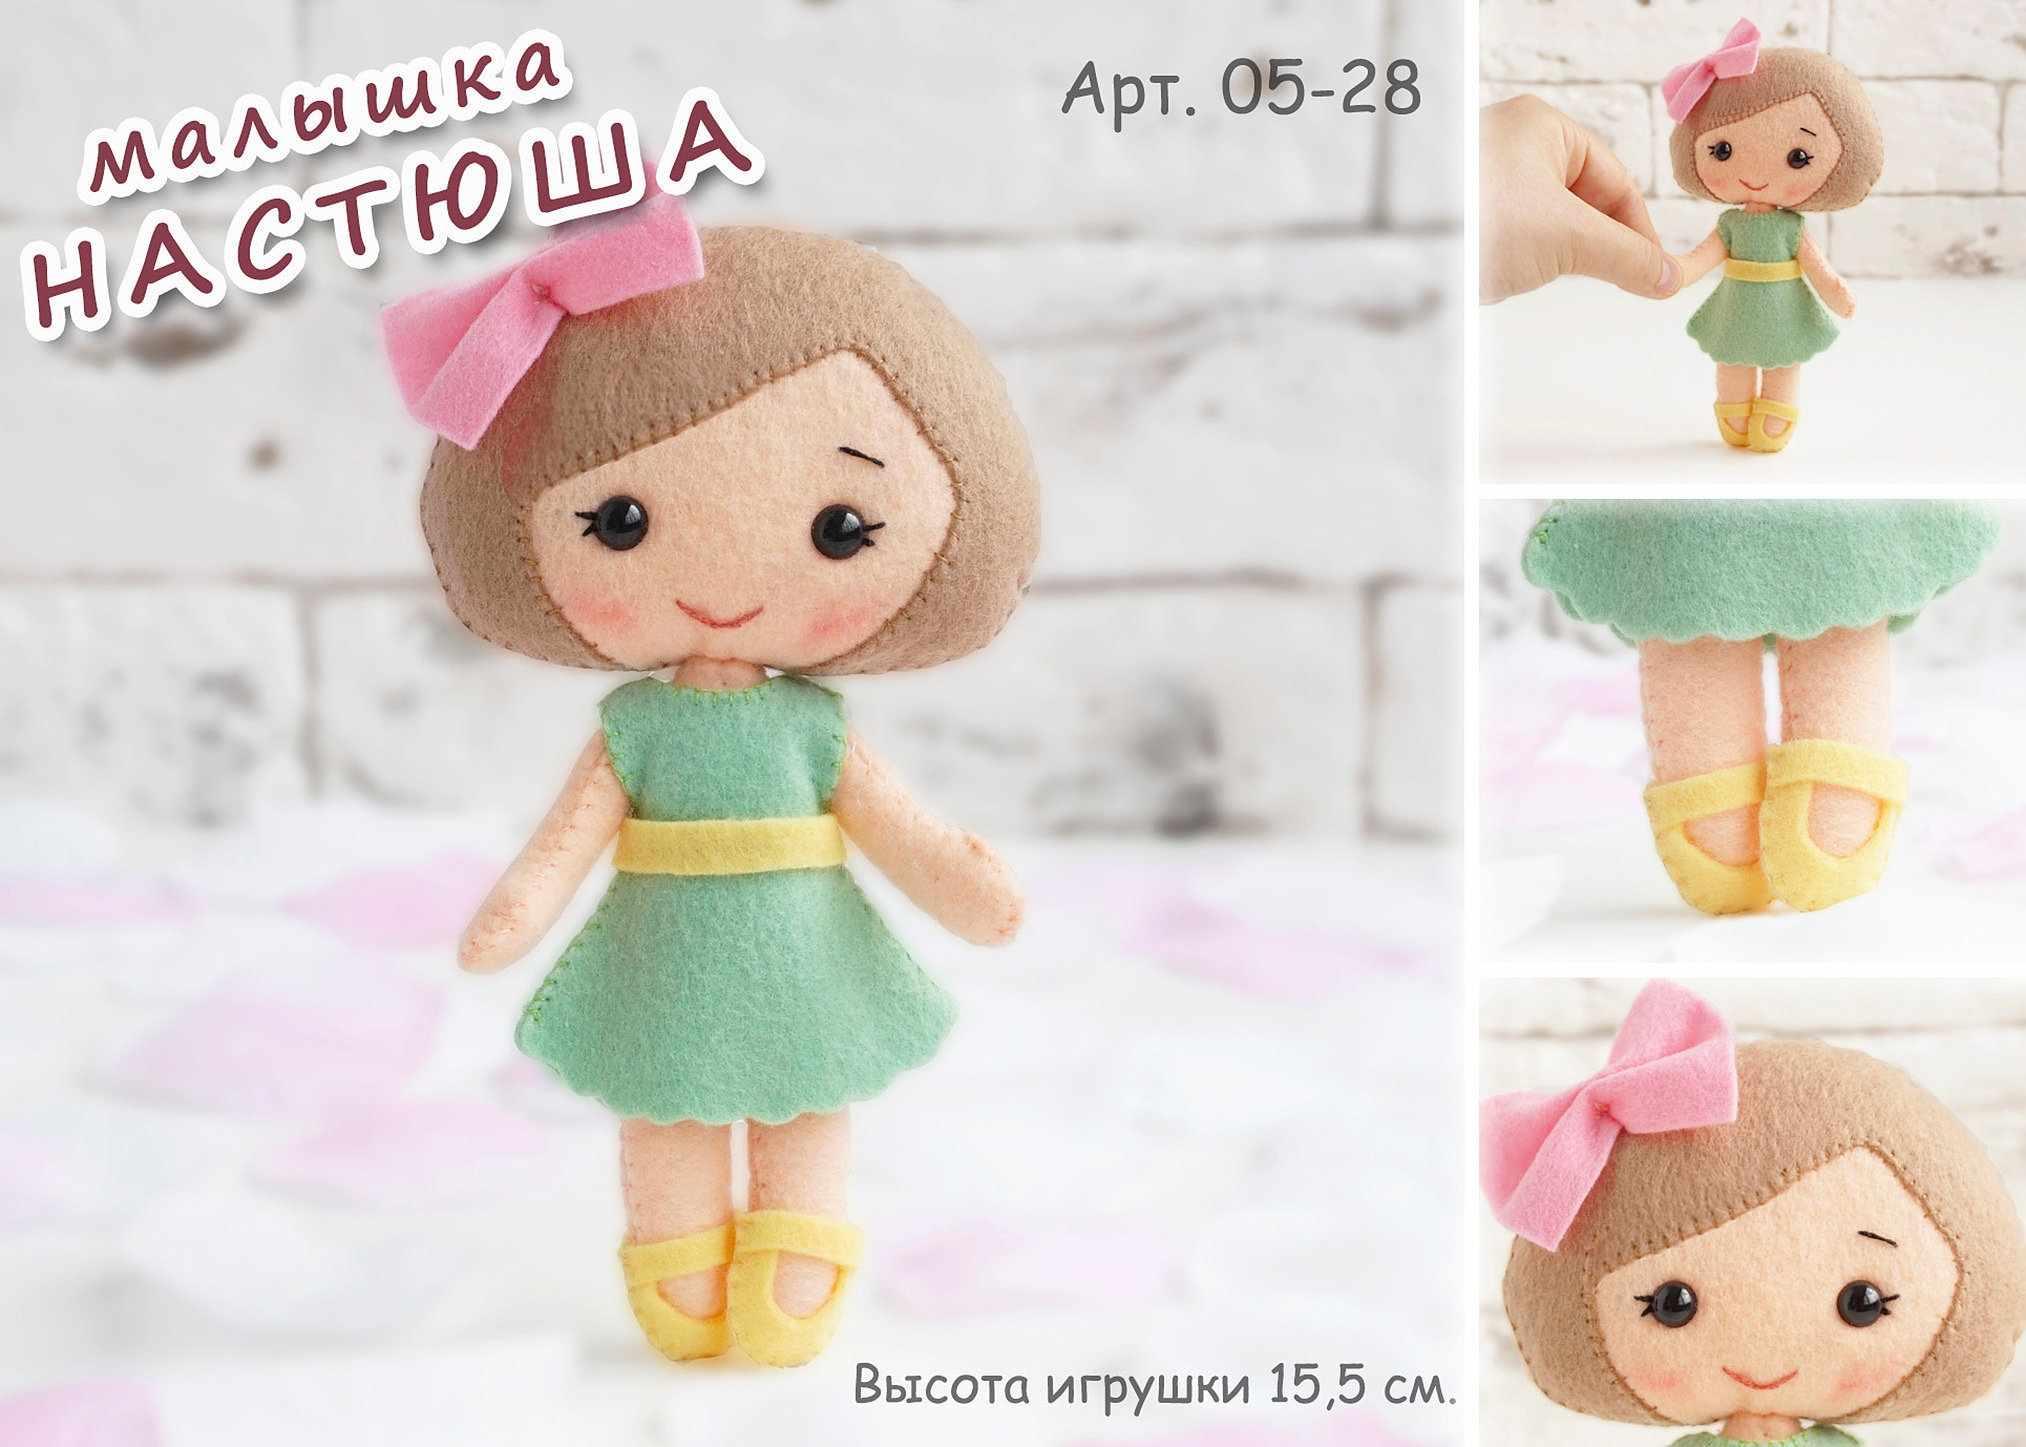 05-28 Малышка Настюша